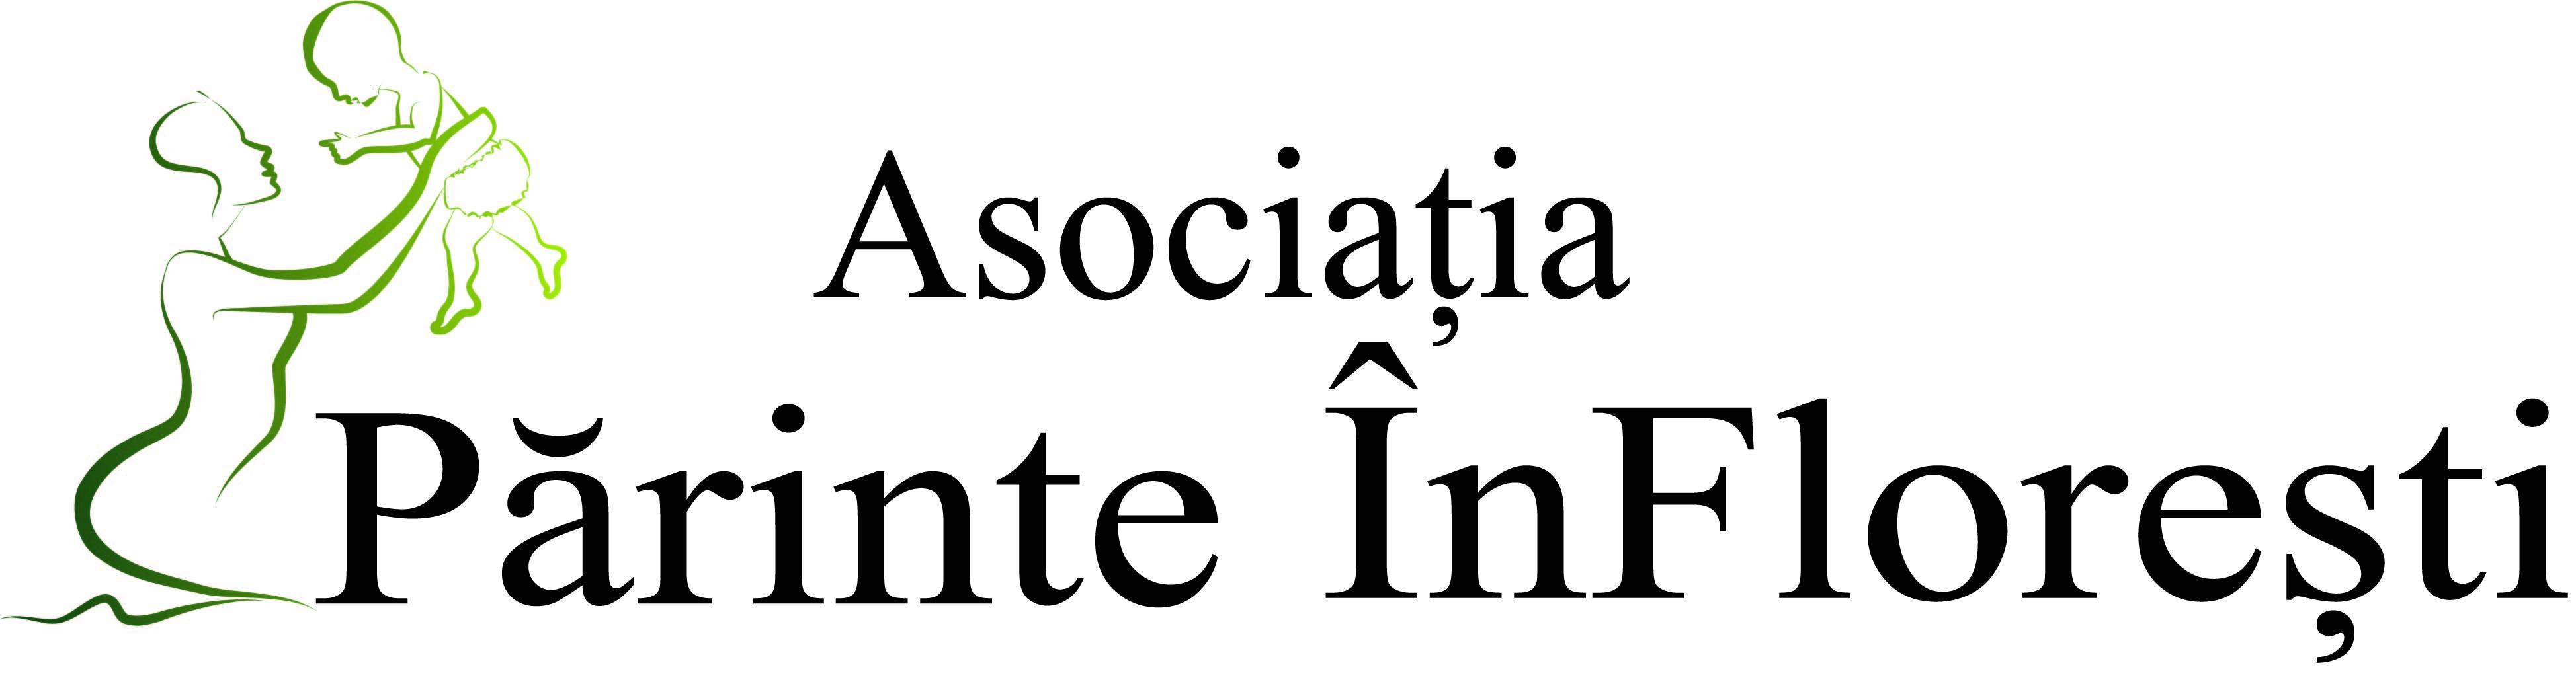 Asociatia Parinte inFloresti logo